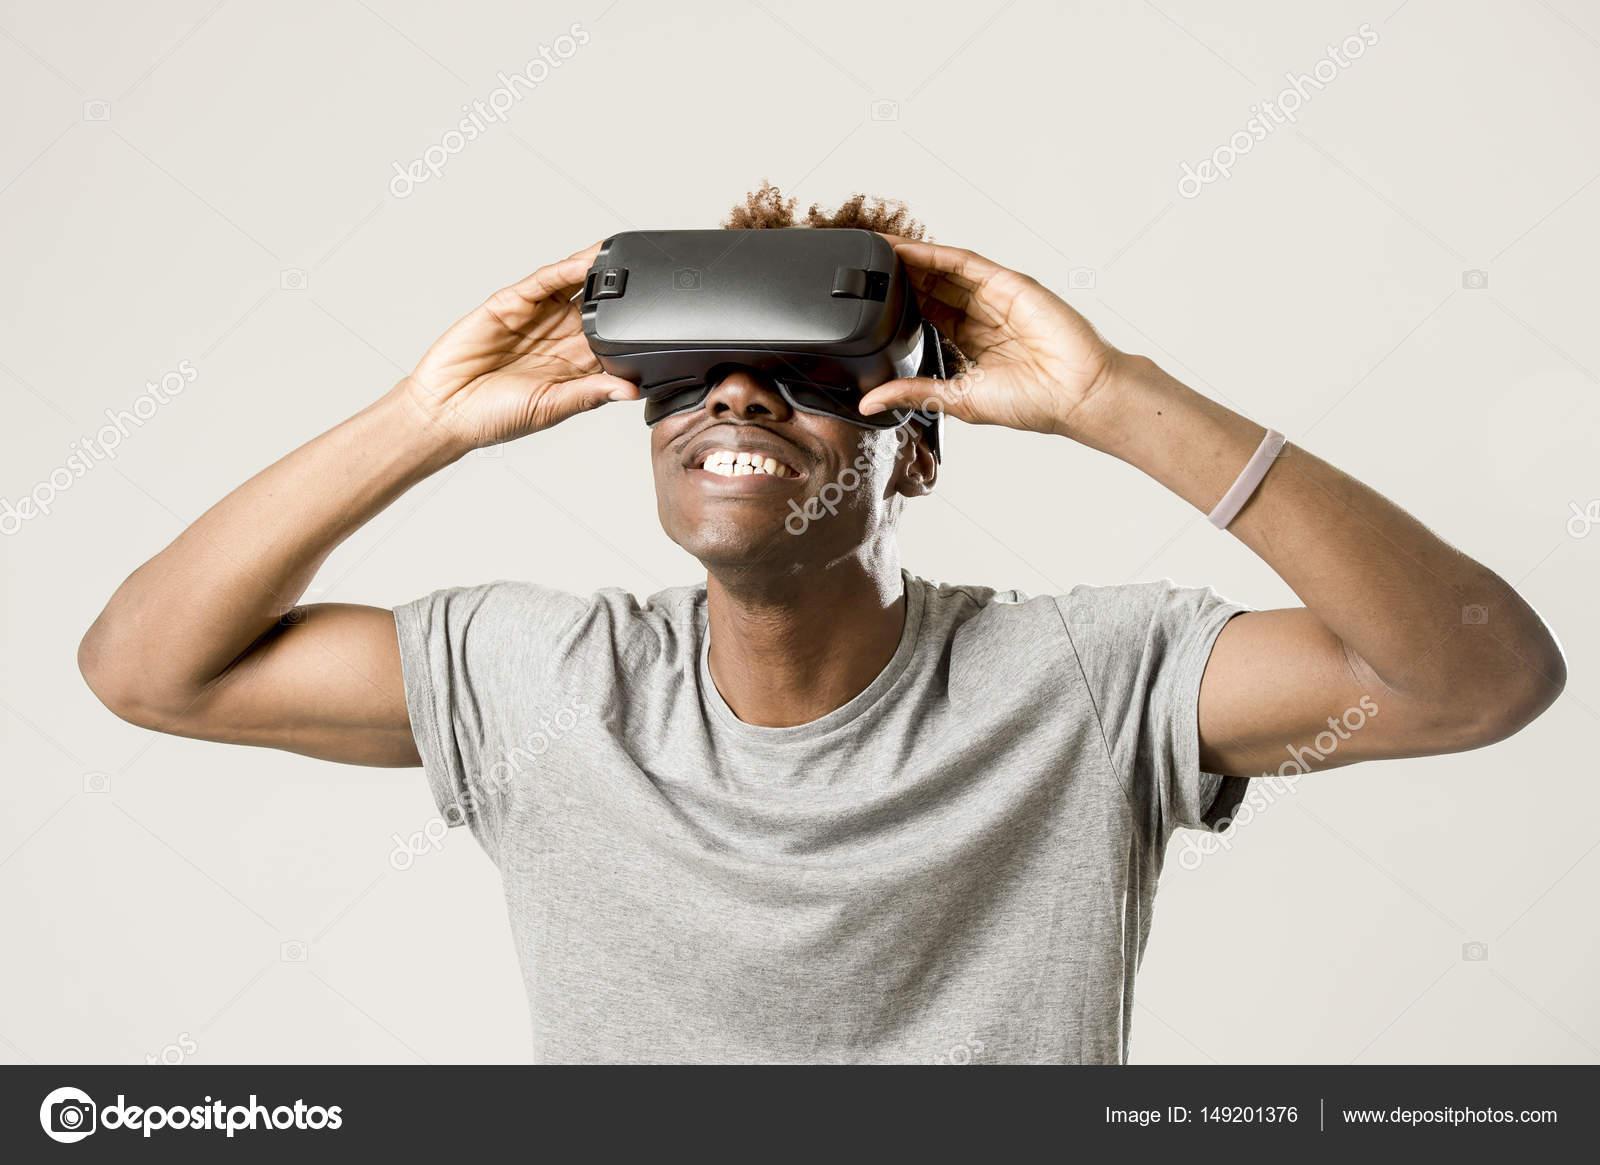 Feliz e animado afro americana jovem vestindo óculos de visão realidade  virtual vr 360 desfrutando de videogame isolado em fundo claro em inovação  e ... 4d5ba94a36